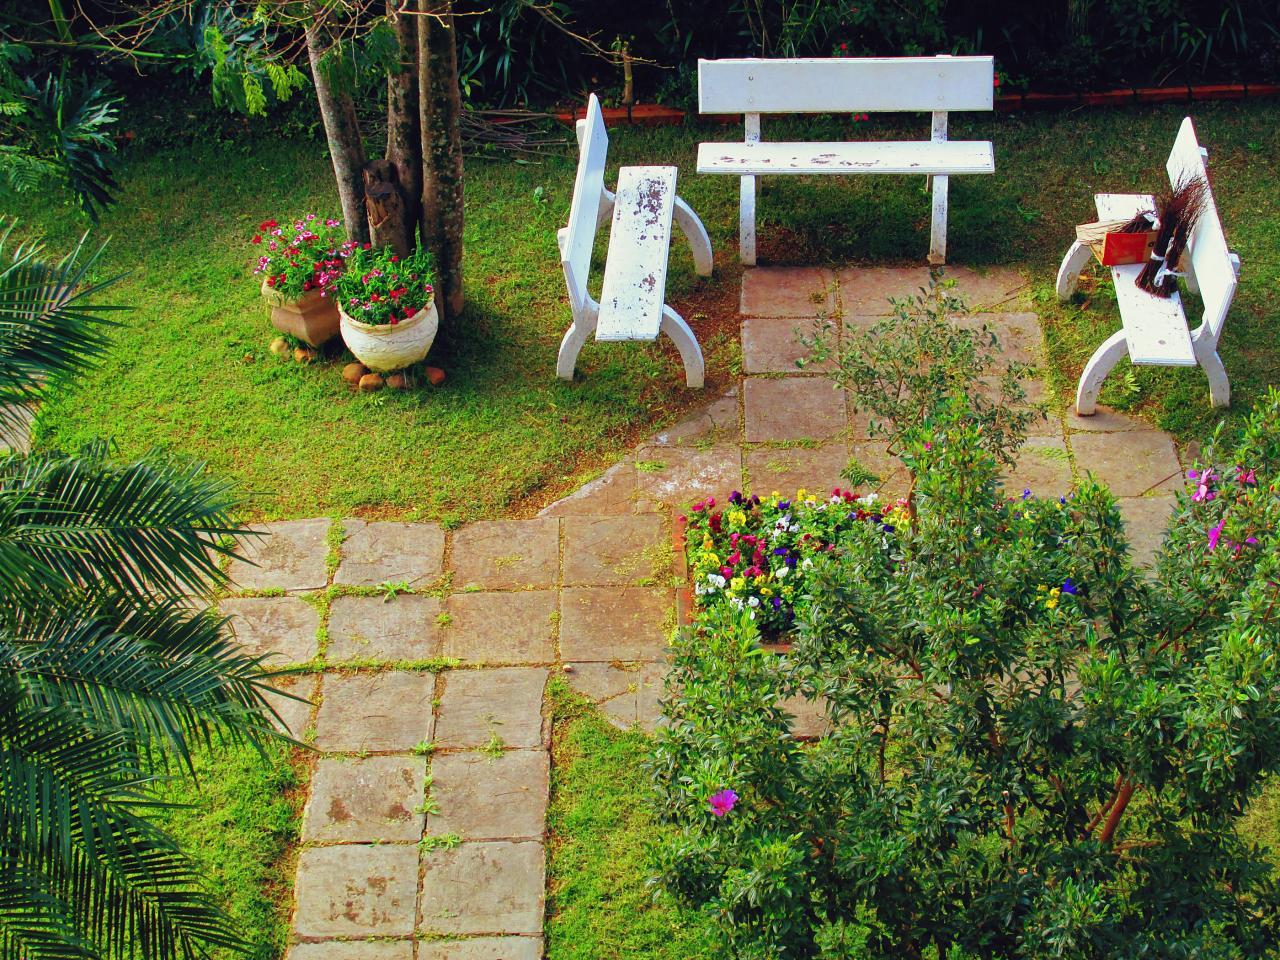 Dise os atractivos para jardines peque os lifestyle de for Arboles para jardines pequenos